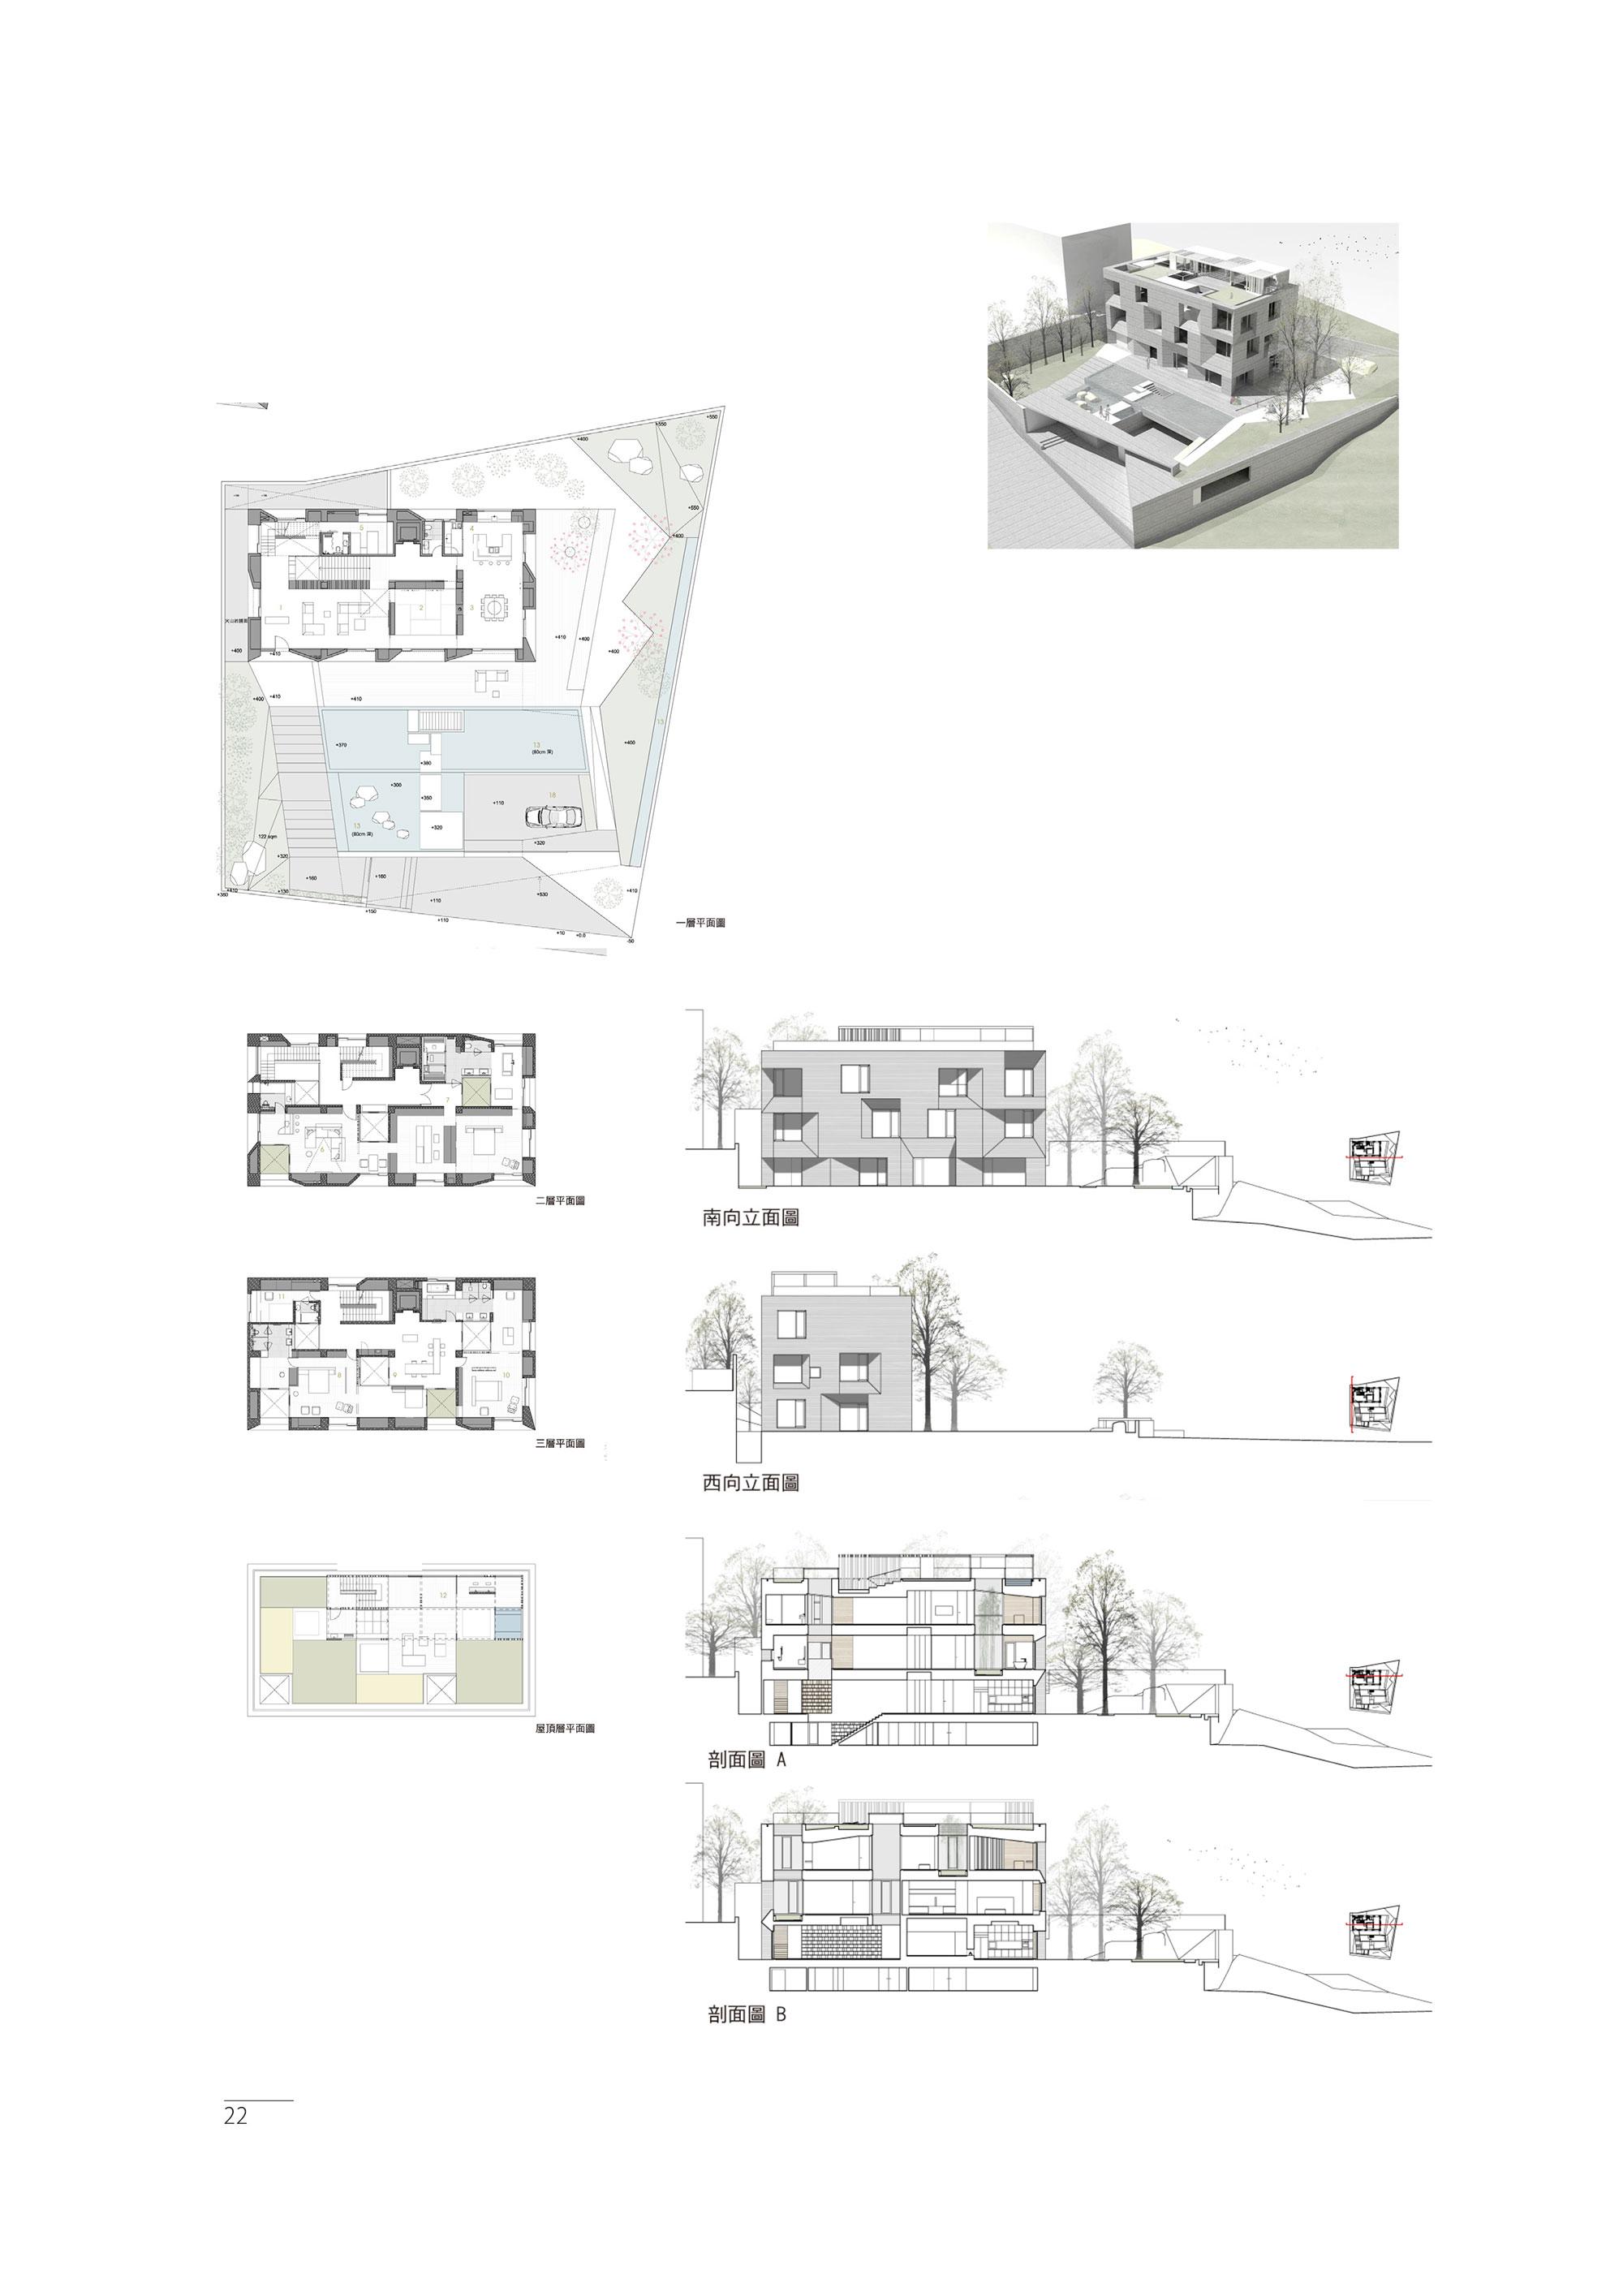 12-wohnhaus-ck-behet-bondzio-lin-architekten.jpg